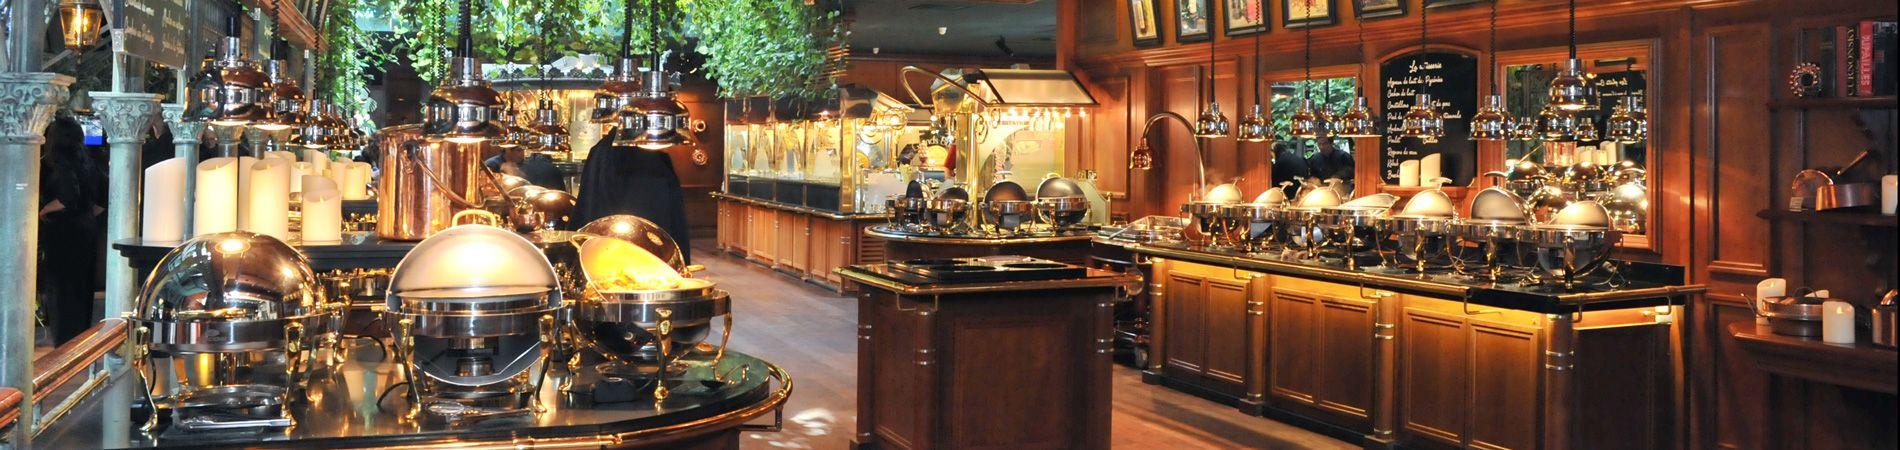 Un ambiente único para los grands buffets de Narbonne